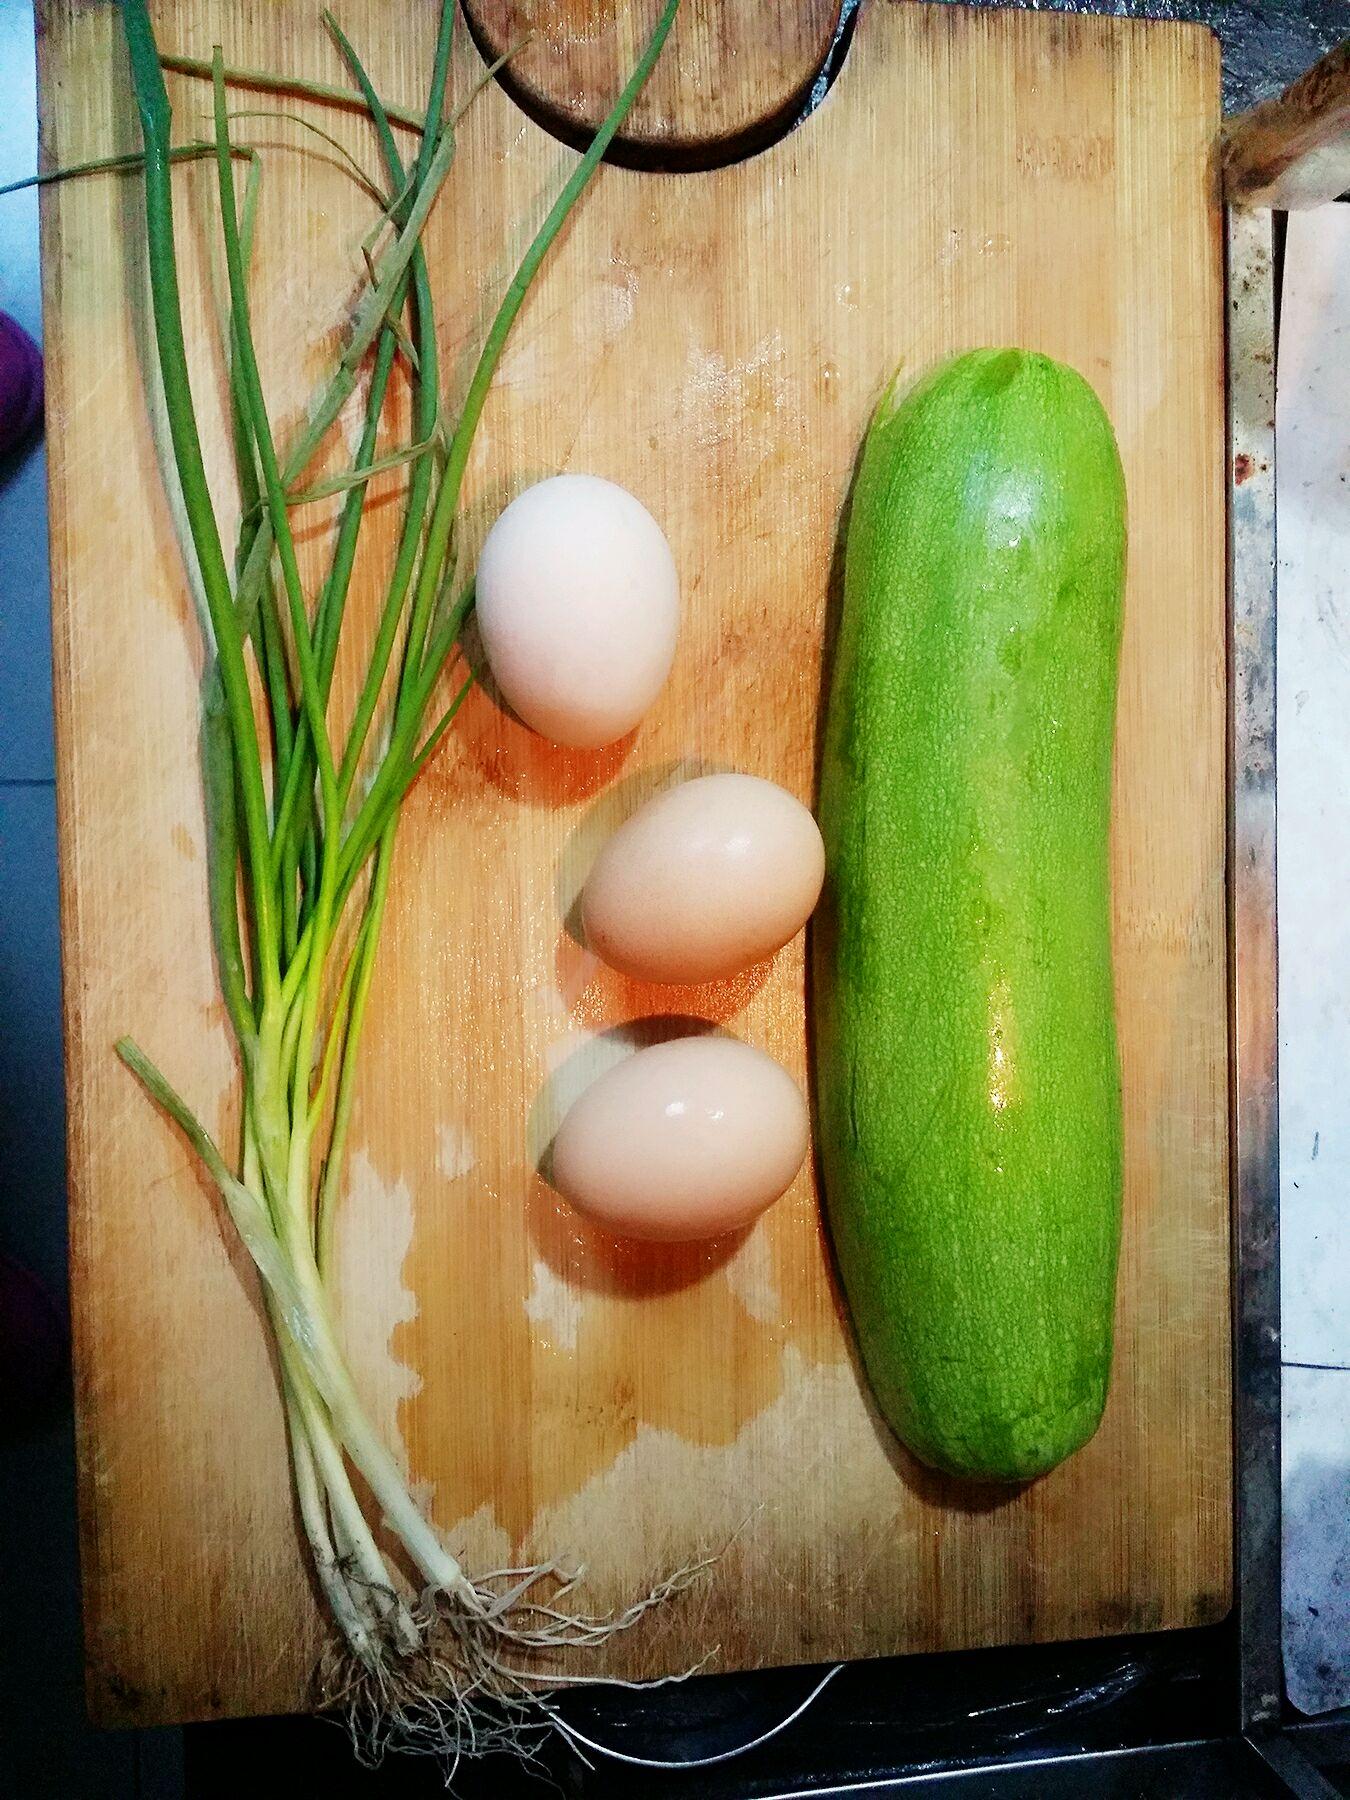 茭瓜(西葫芦)炒蛋的做法图解1